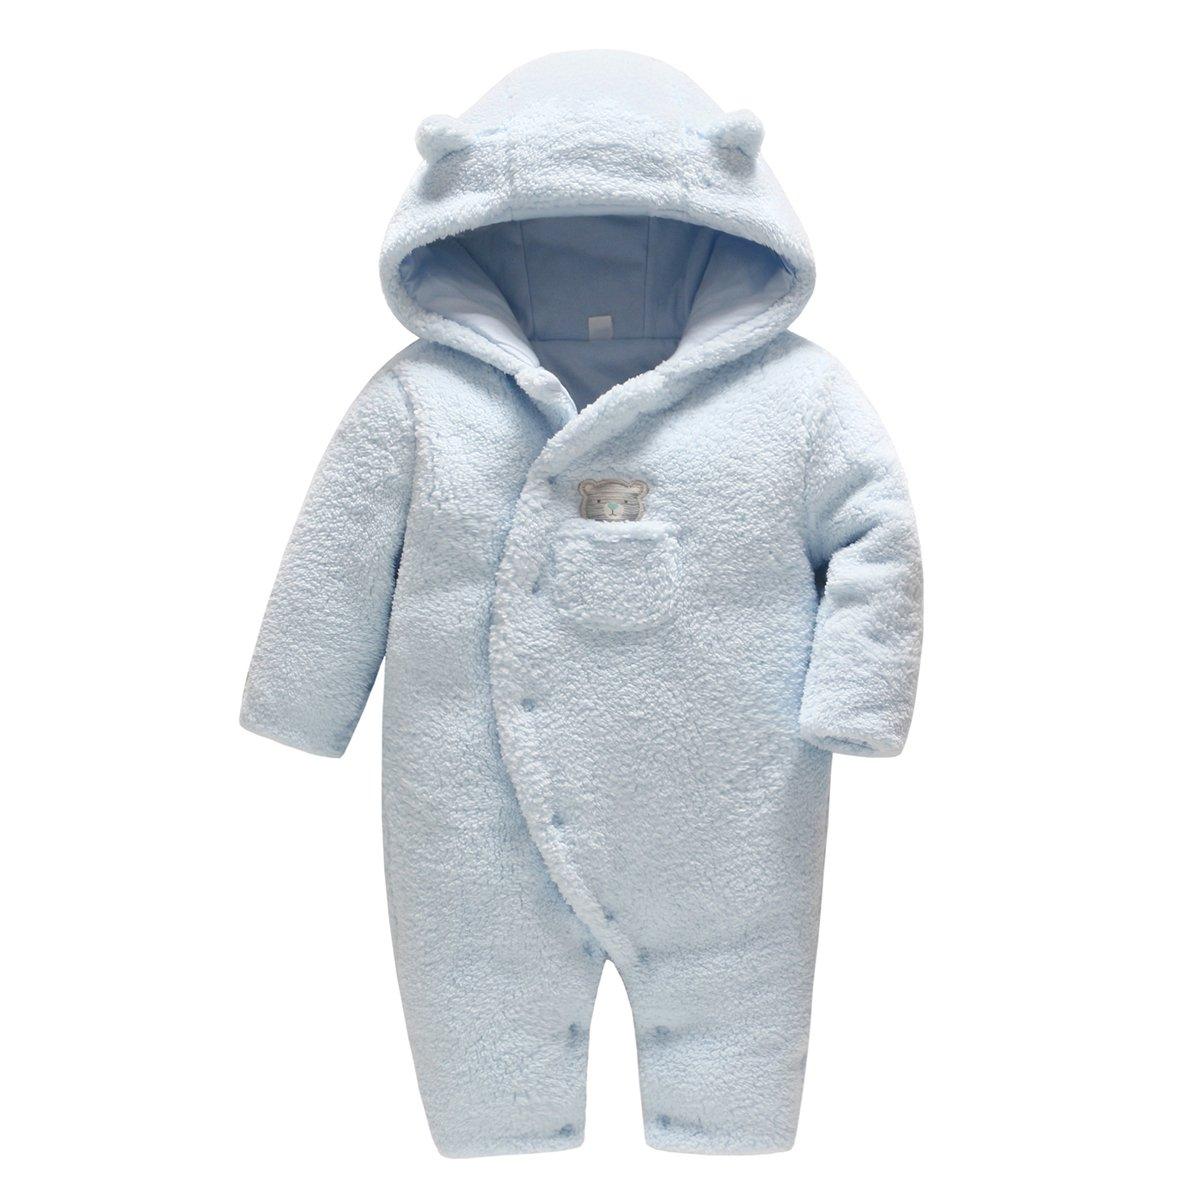 Vine Bambino Tute da neve Neonato Pagliaccetto con Cappuccio Inverno FOOTED Tutina in Pile Blu 0-3 Mesi